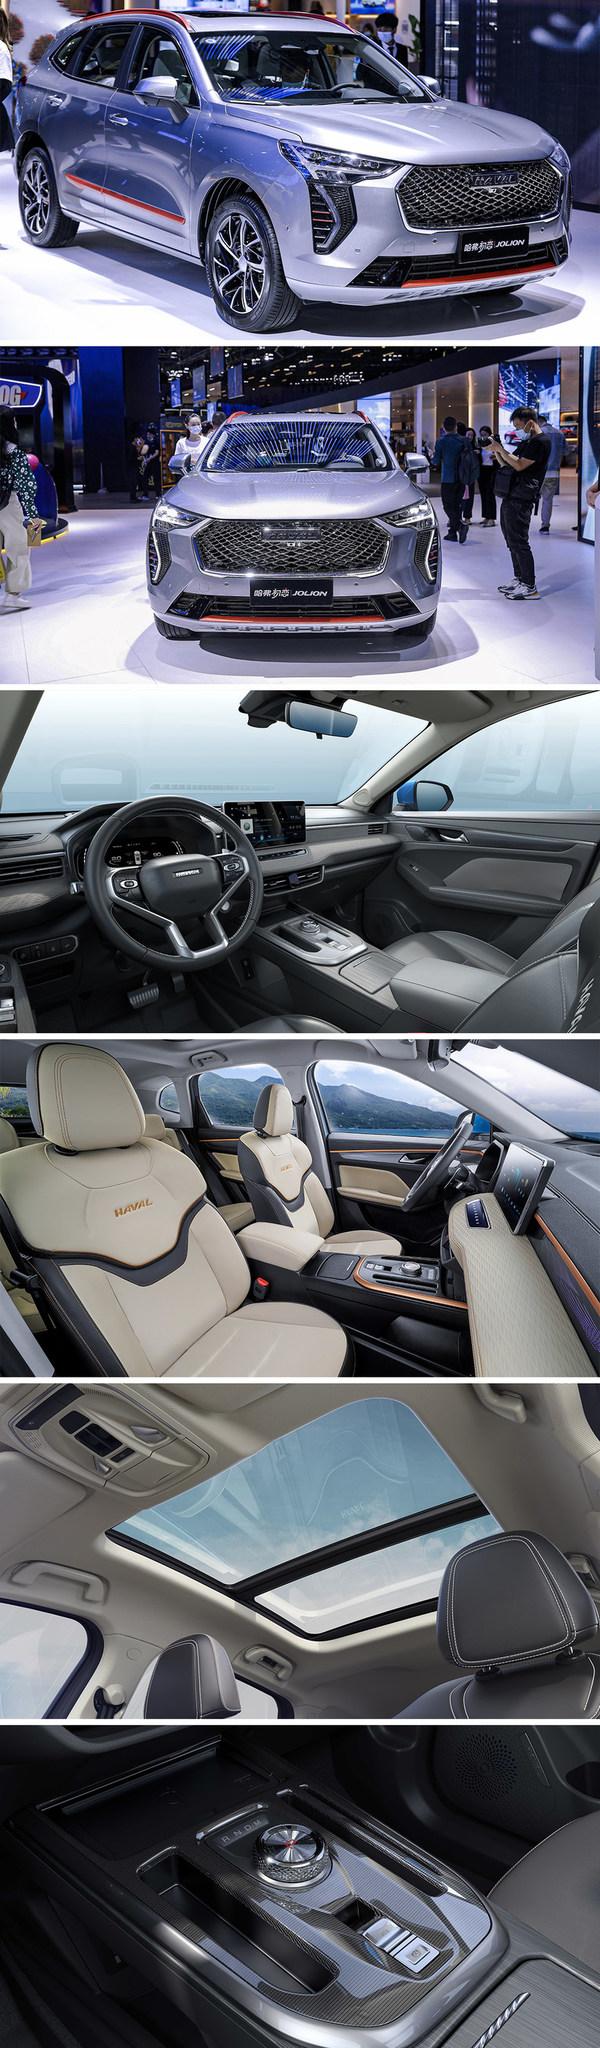 2021年上海モーターショーでトレンドを決めるSUV HAVAL JOLIONを展示、紹介